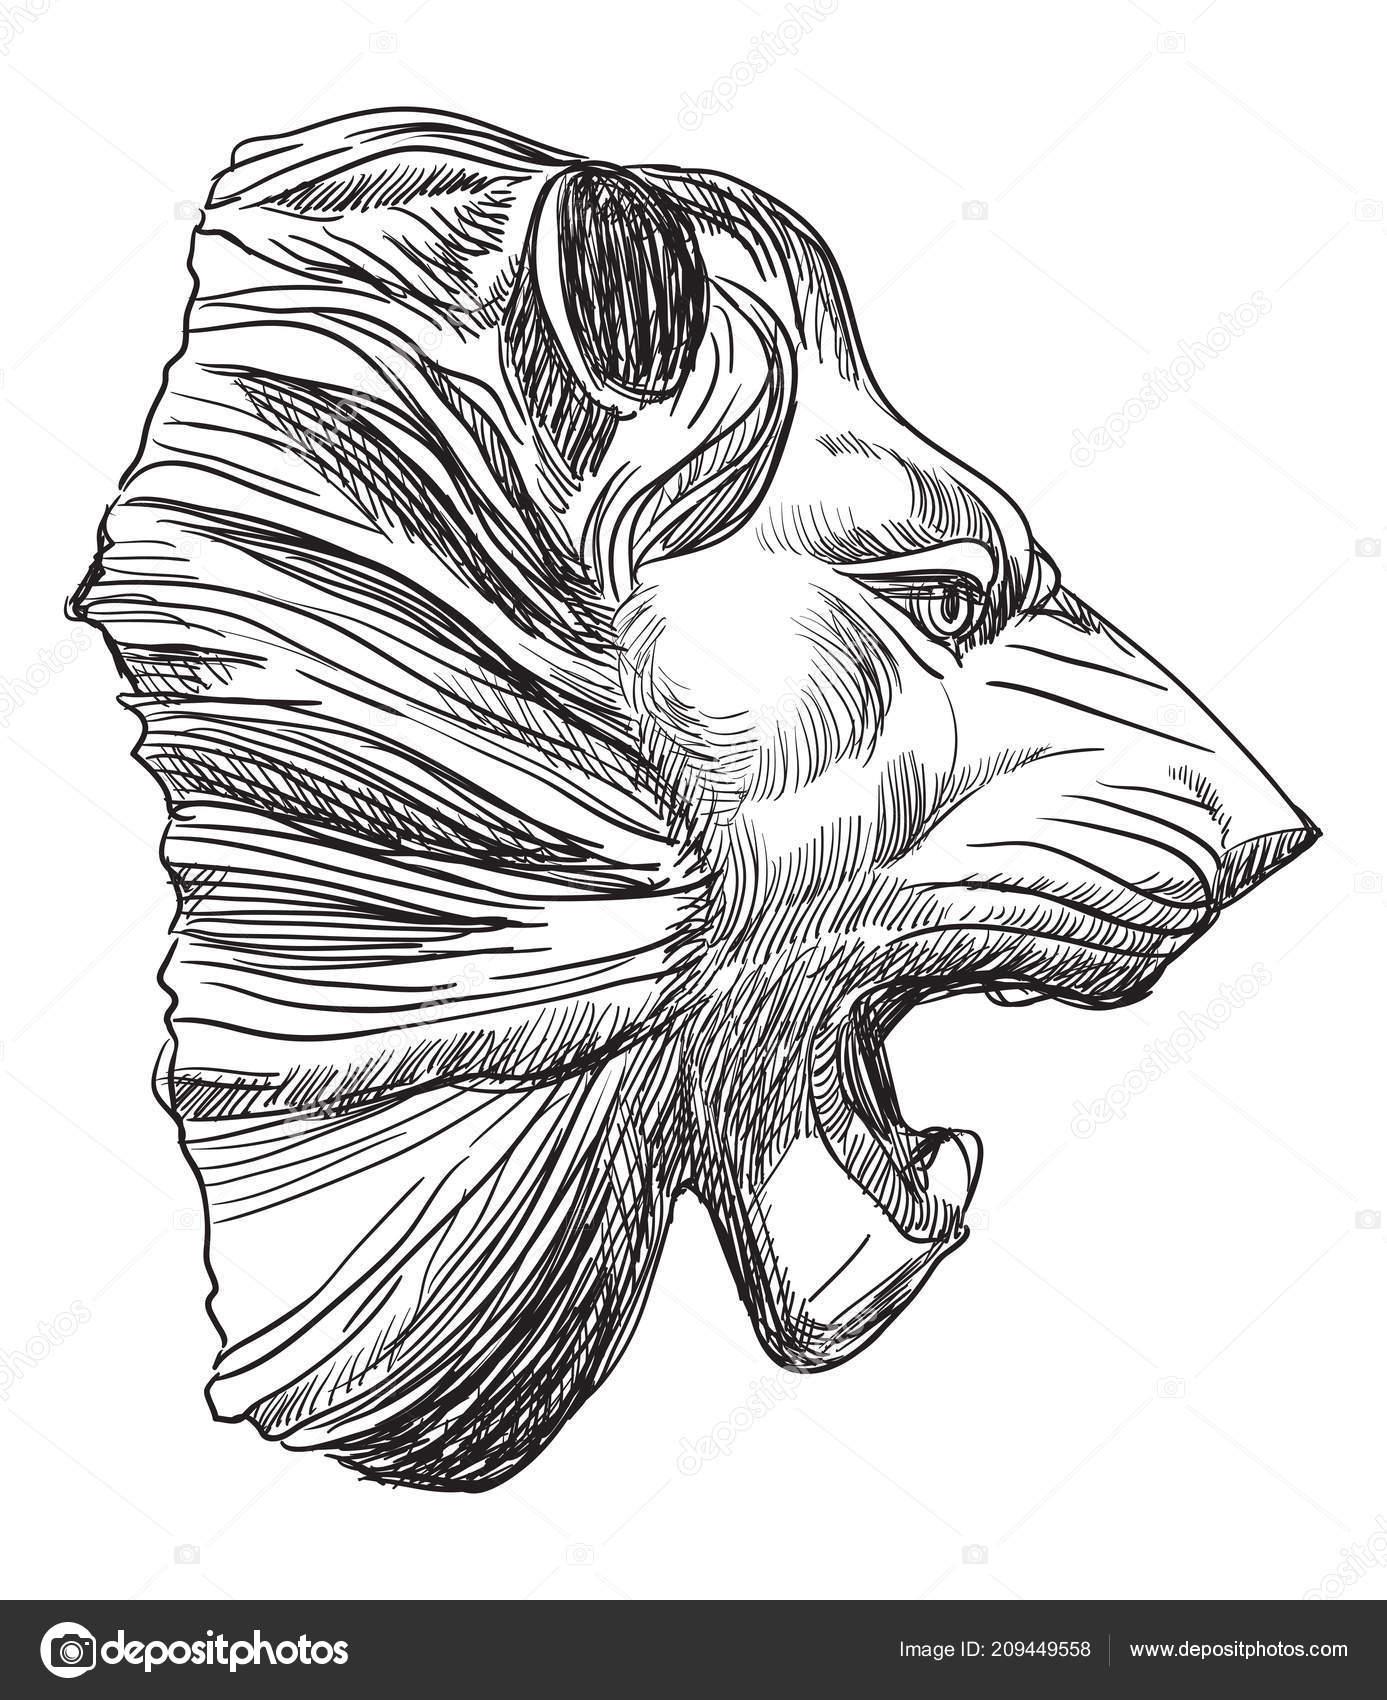 Leone Di Profilo Disegno.Rilievo Antico Scultura Forma Vista Profilo Della Testa